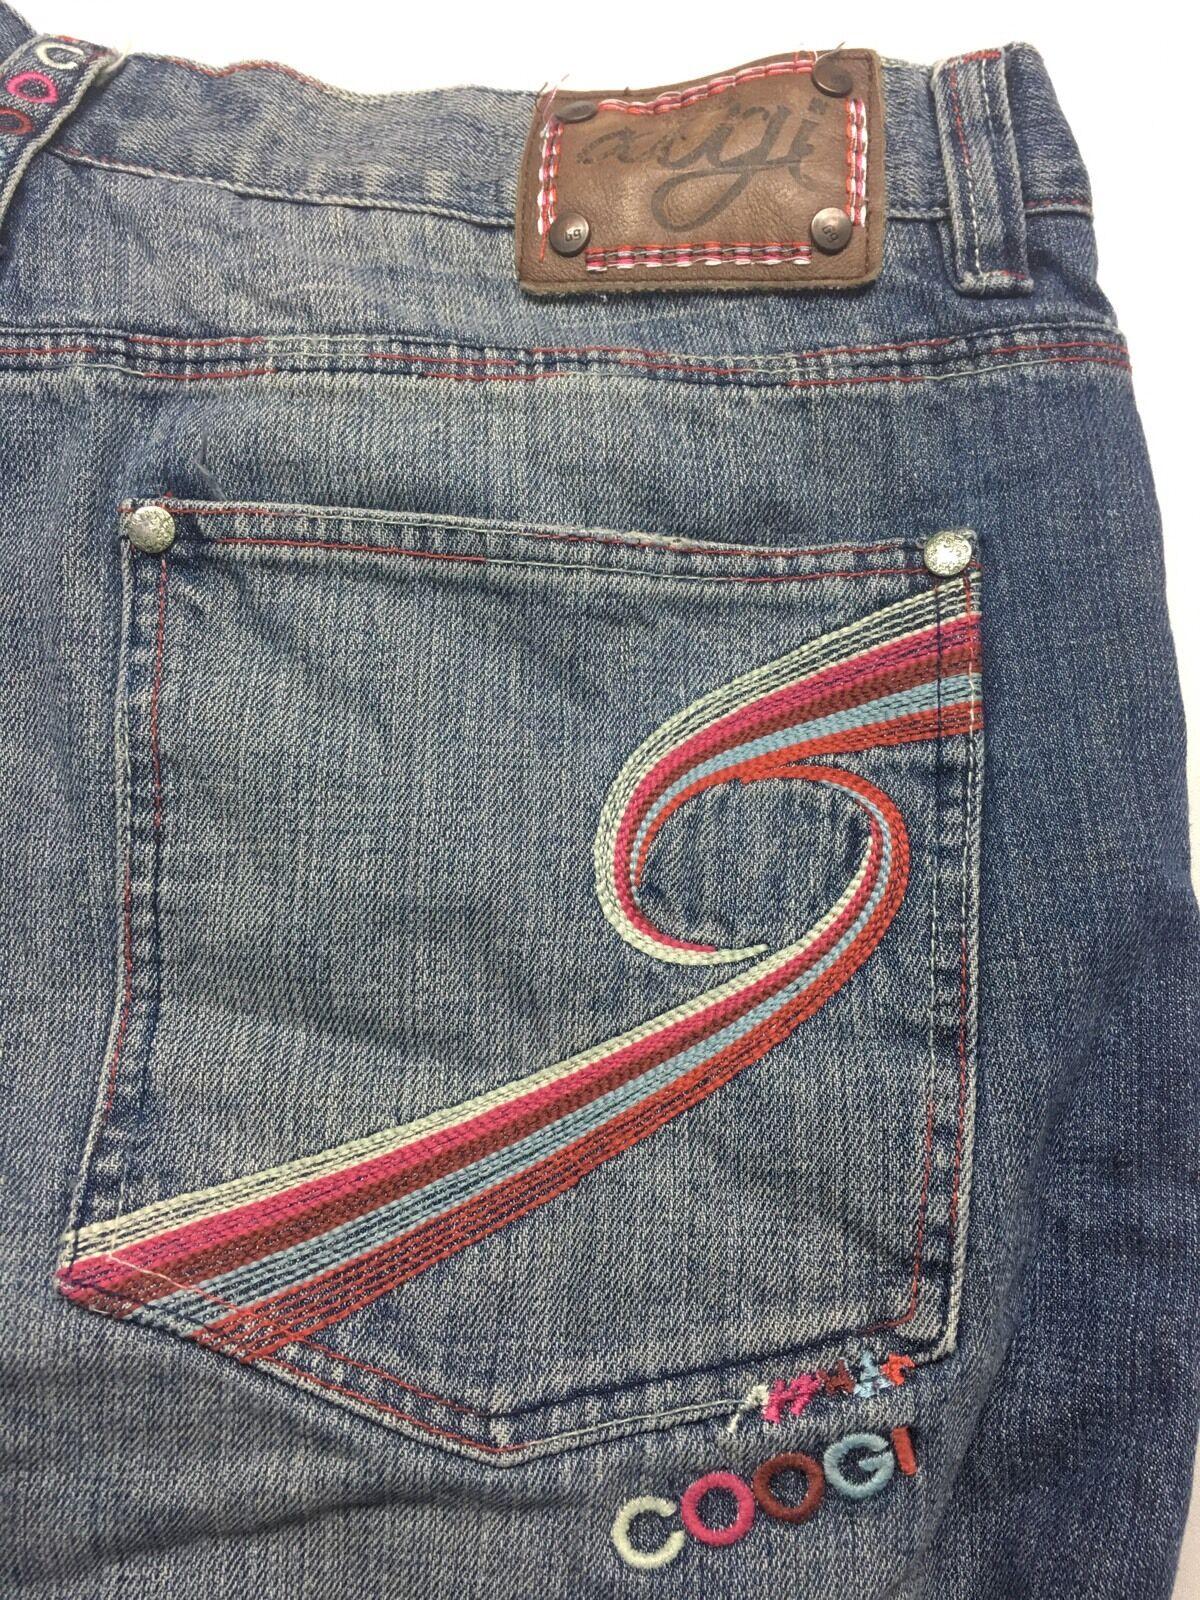 Coogi Jeans Men's Size 40 34